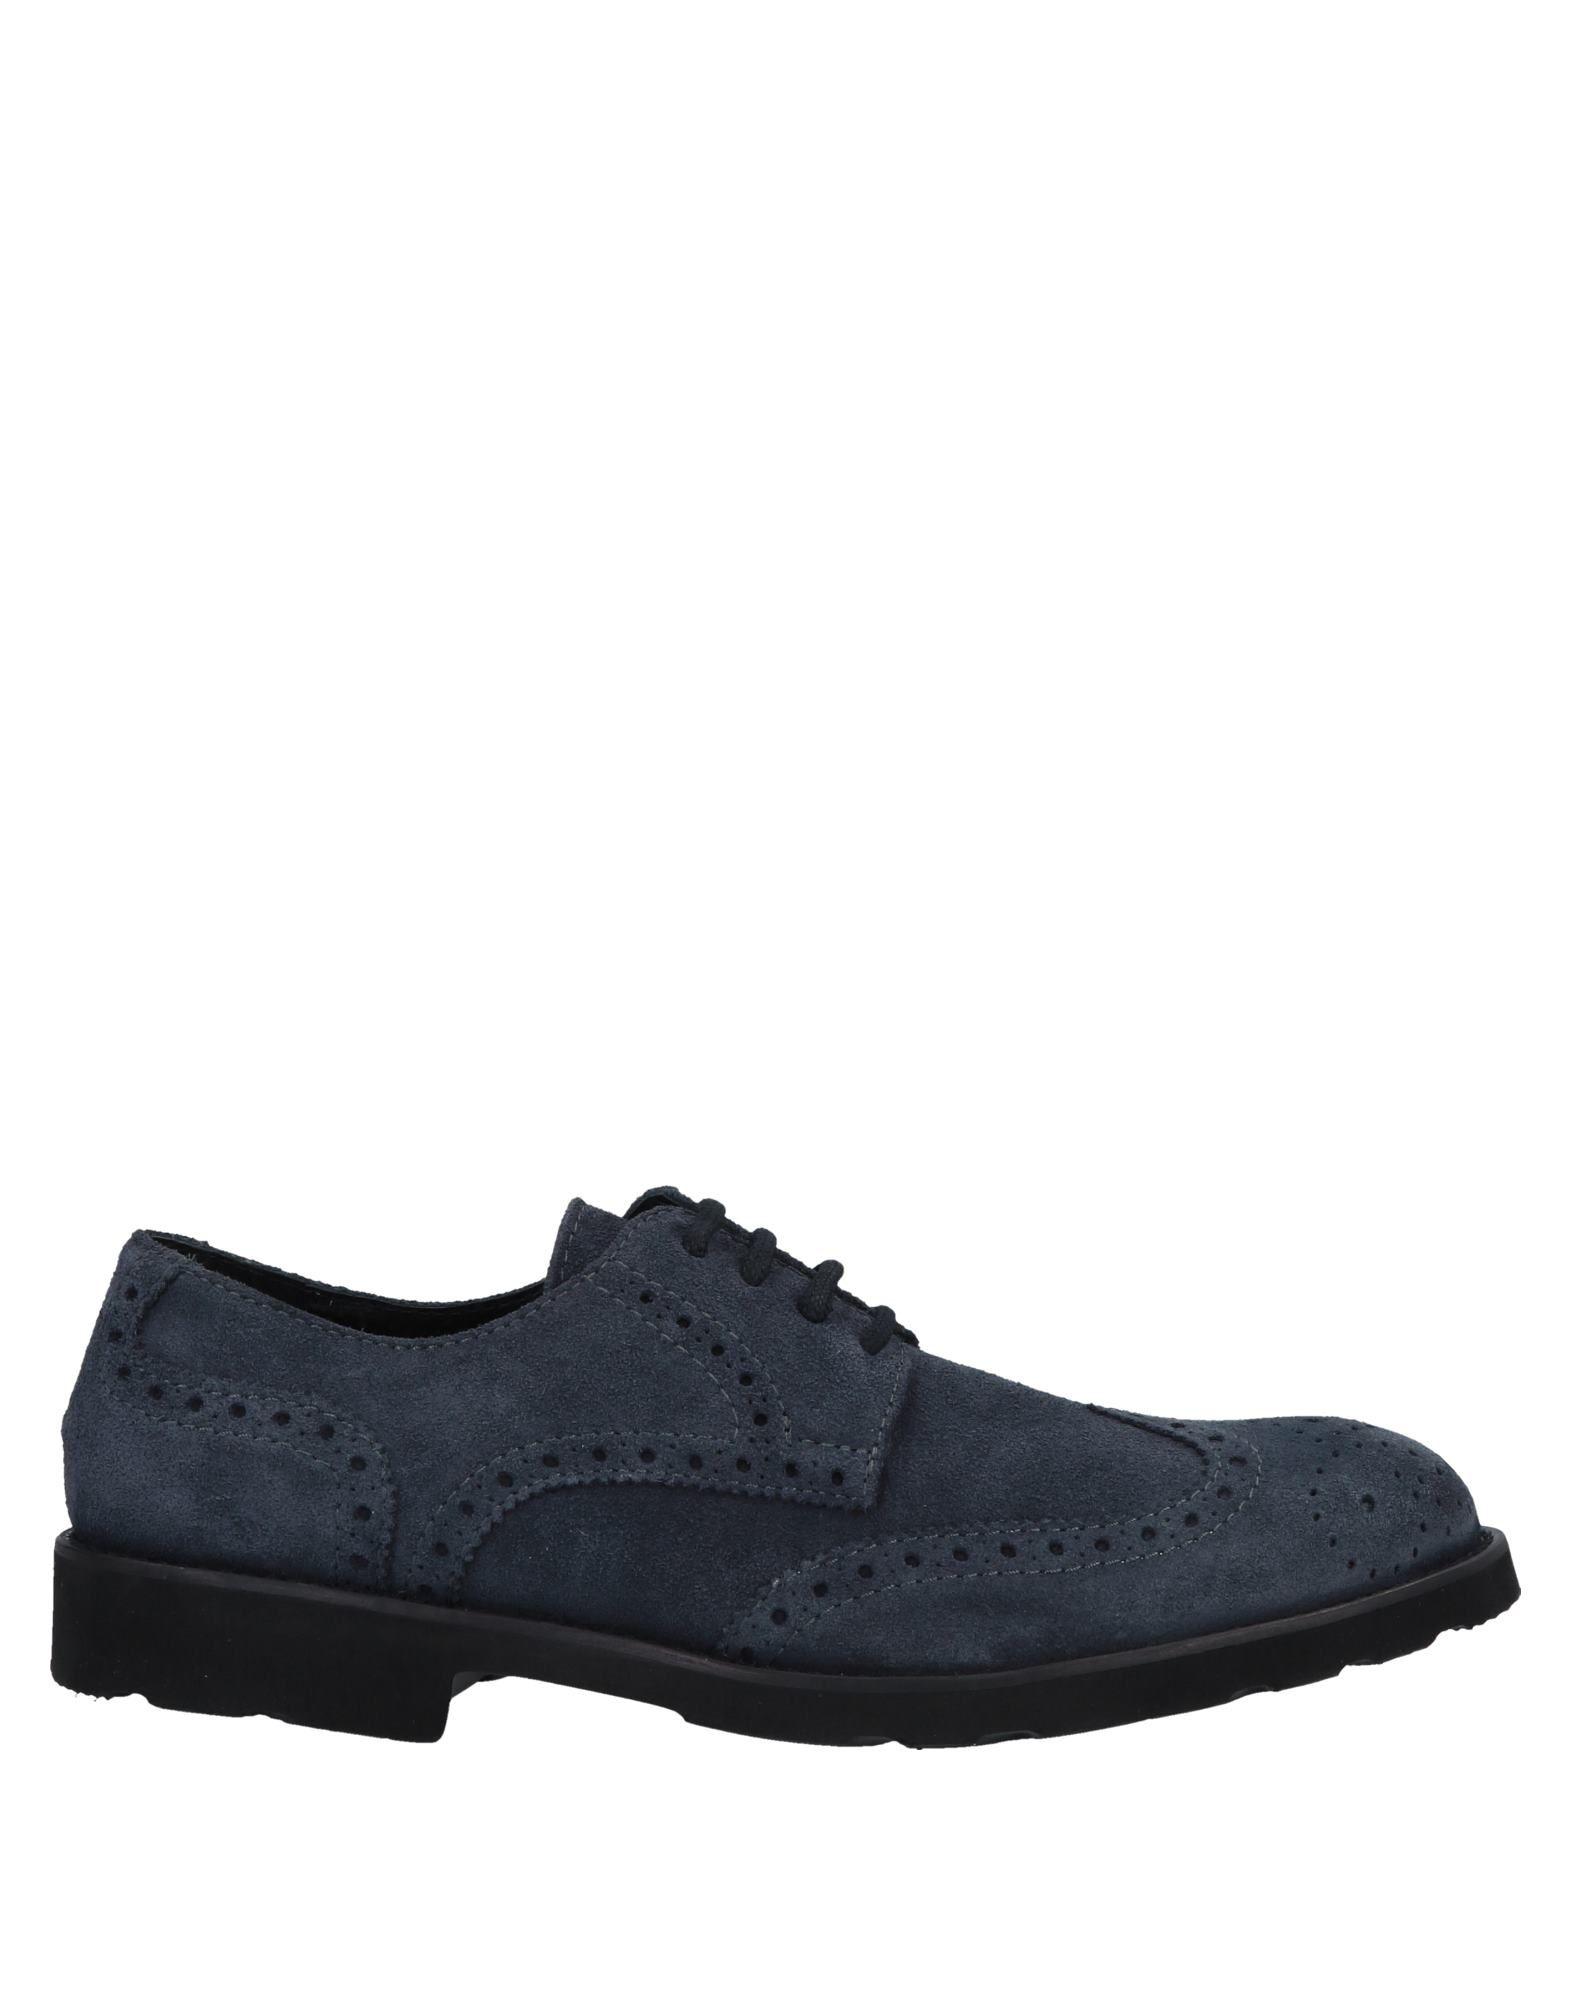 ENRICO FANTINI Обувь на шнурках enrico fantini низкие кеды и кроссовки